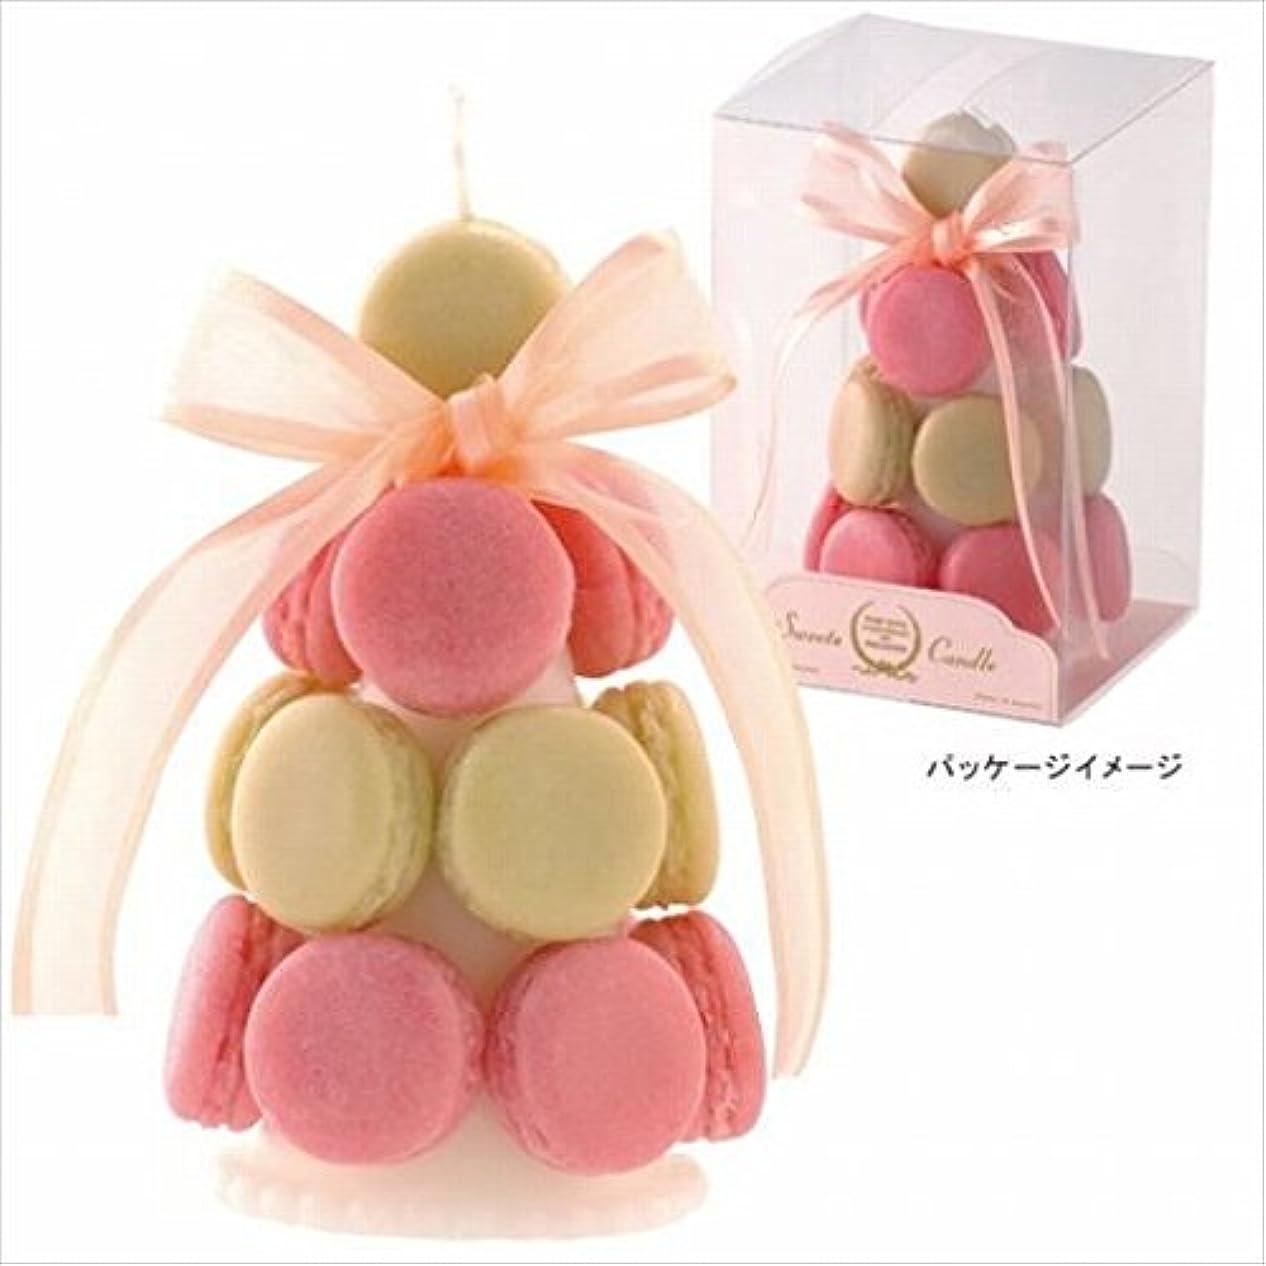 回復する失礼新しさkameyama candle(カメヤマキャンドル) ハッピーマカロンタワー 「 キャラメル 」6個セット(A4580510)